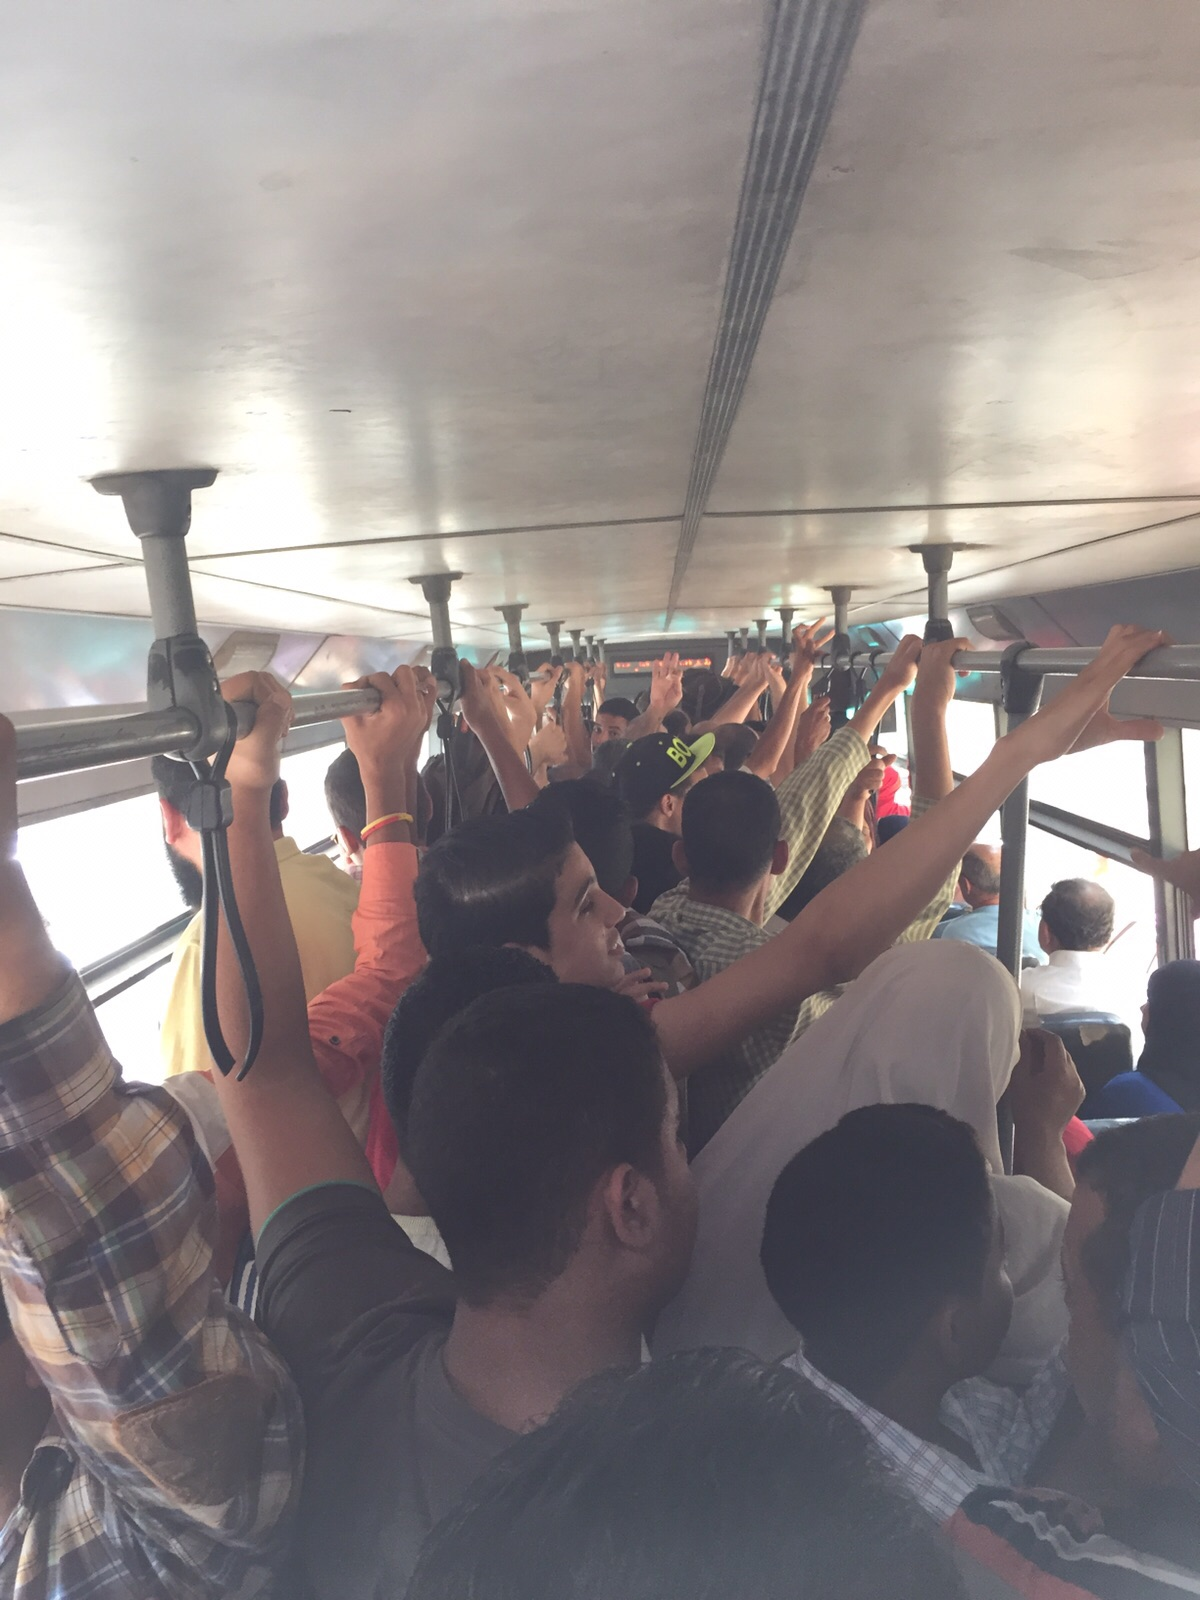 تجربة مواطن مع أتوبيسات النقل العام: غير آدمية والحكومة تركتنا لاستغلال سائقي الأجرة